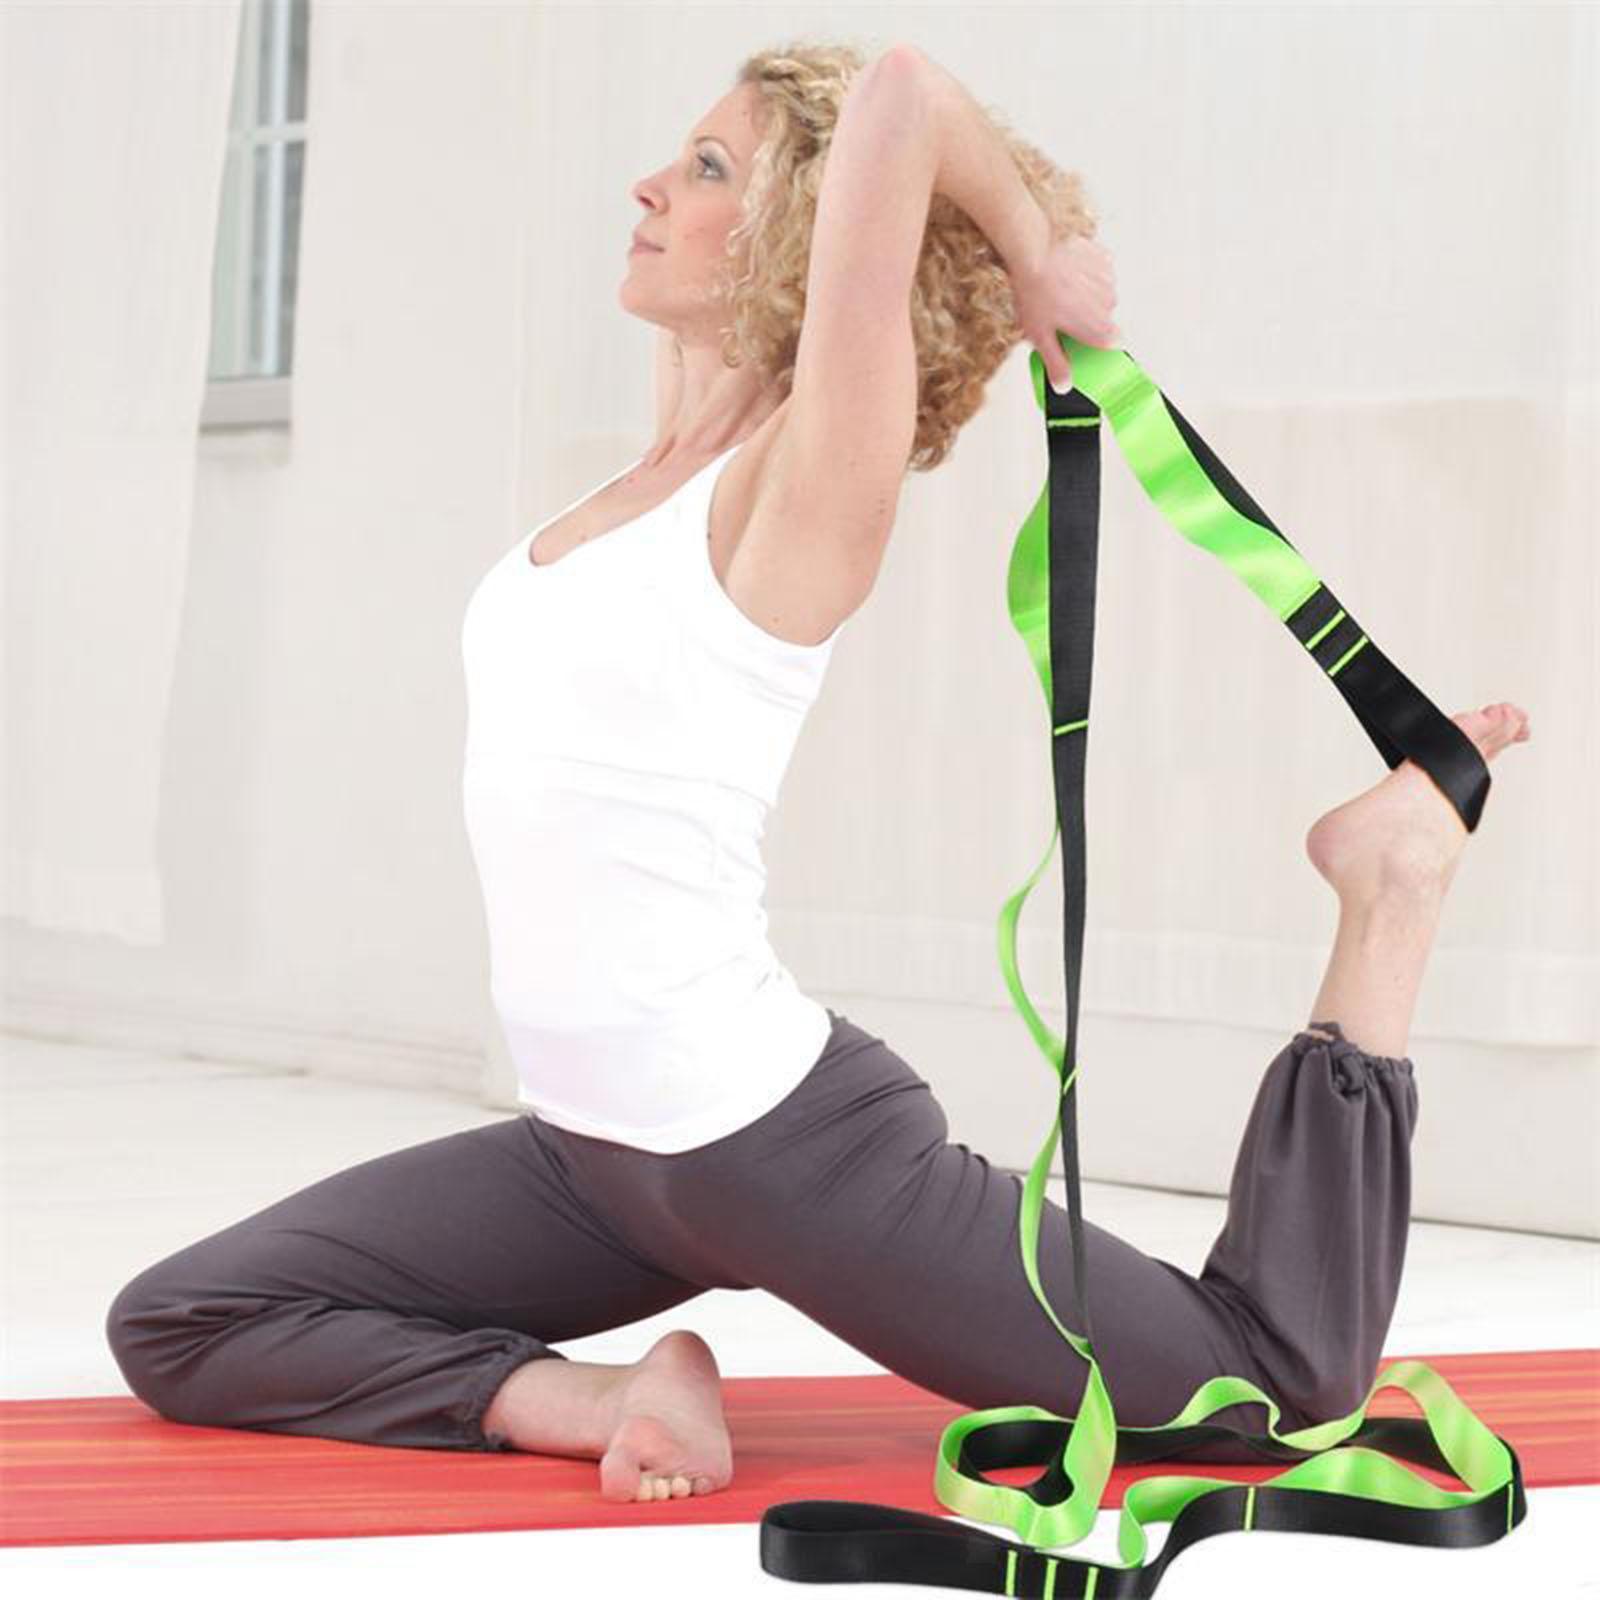 miniatura 26 - Pierna camilla yoga Stretch Strap Latin Dance Gymnastic pull cinturón flexibilidad